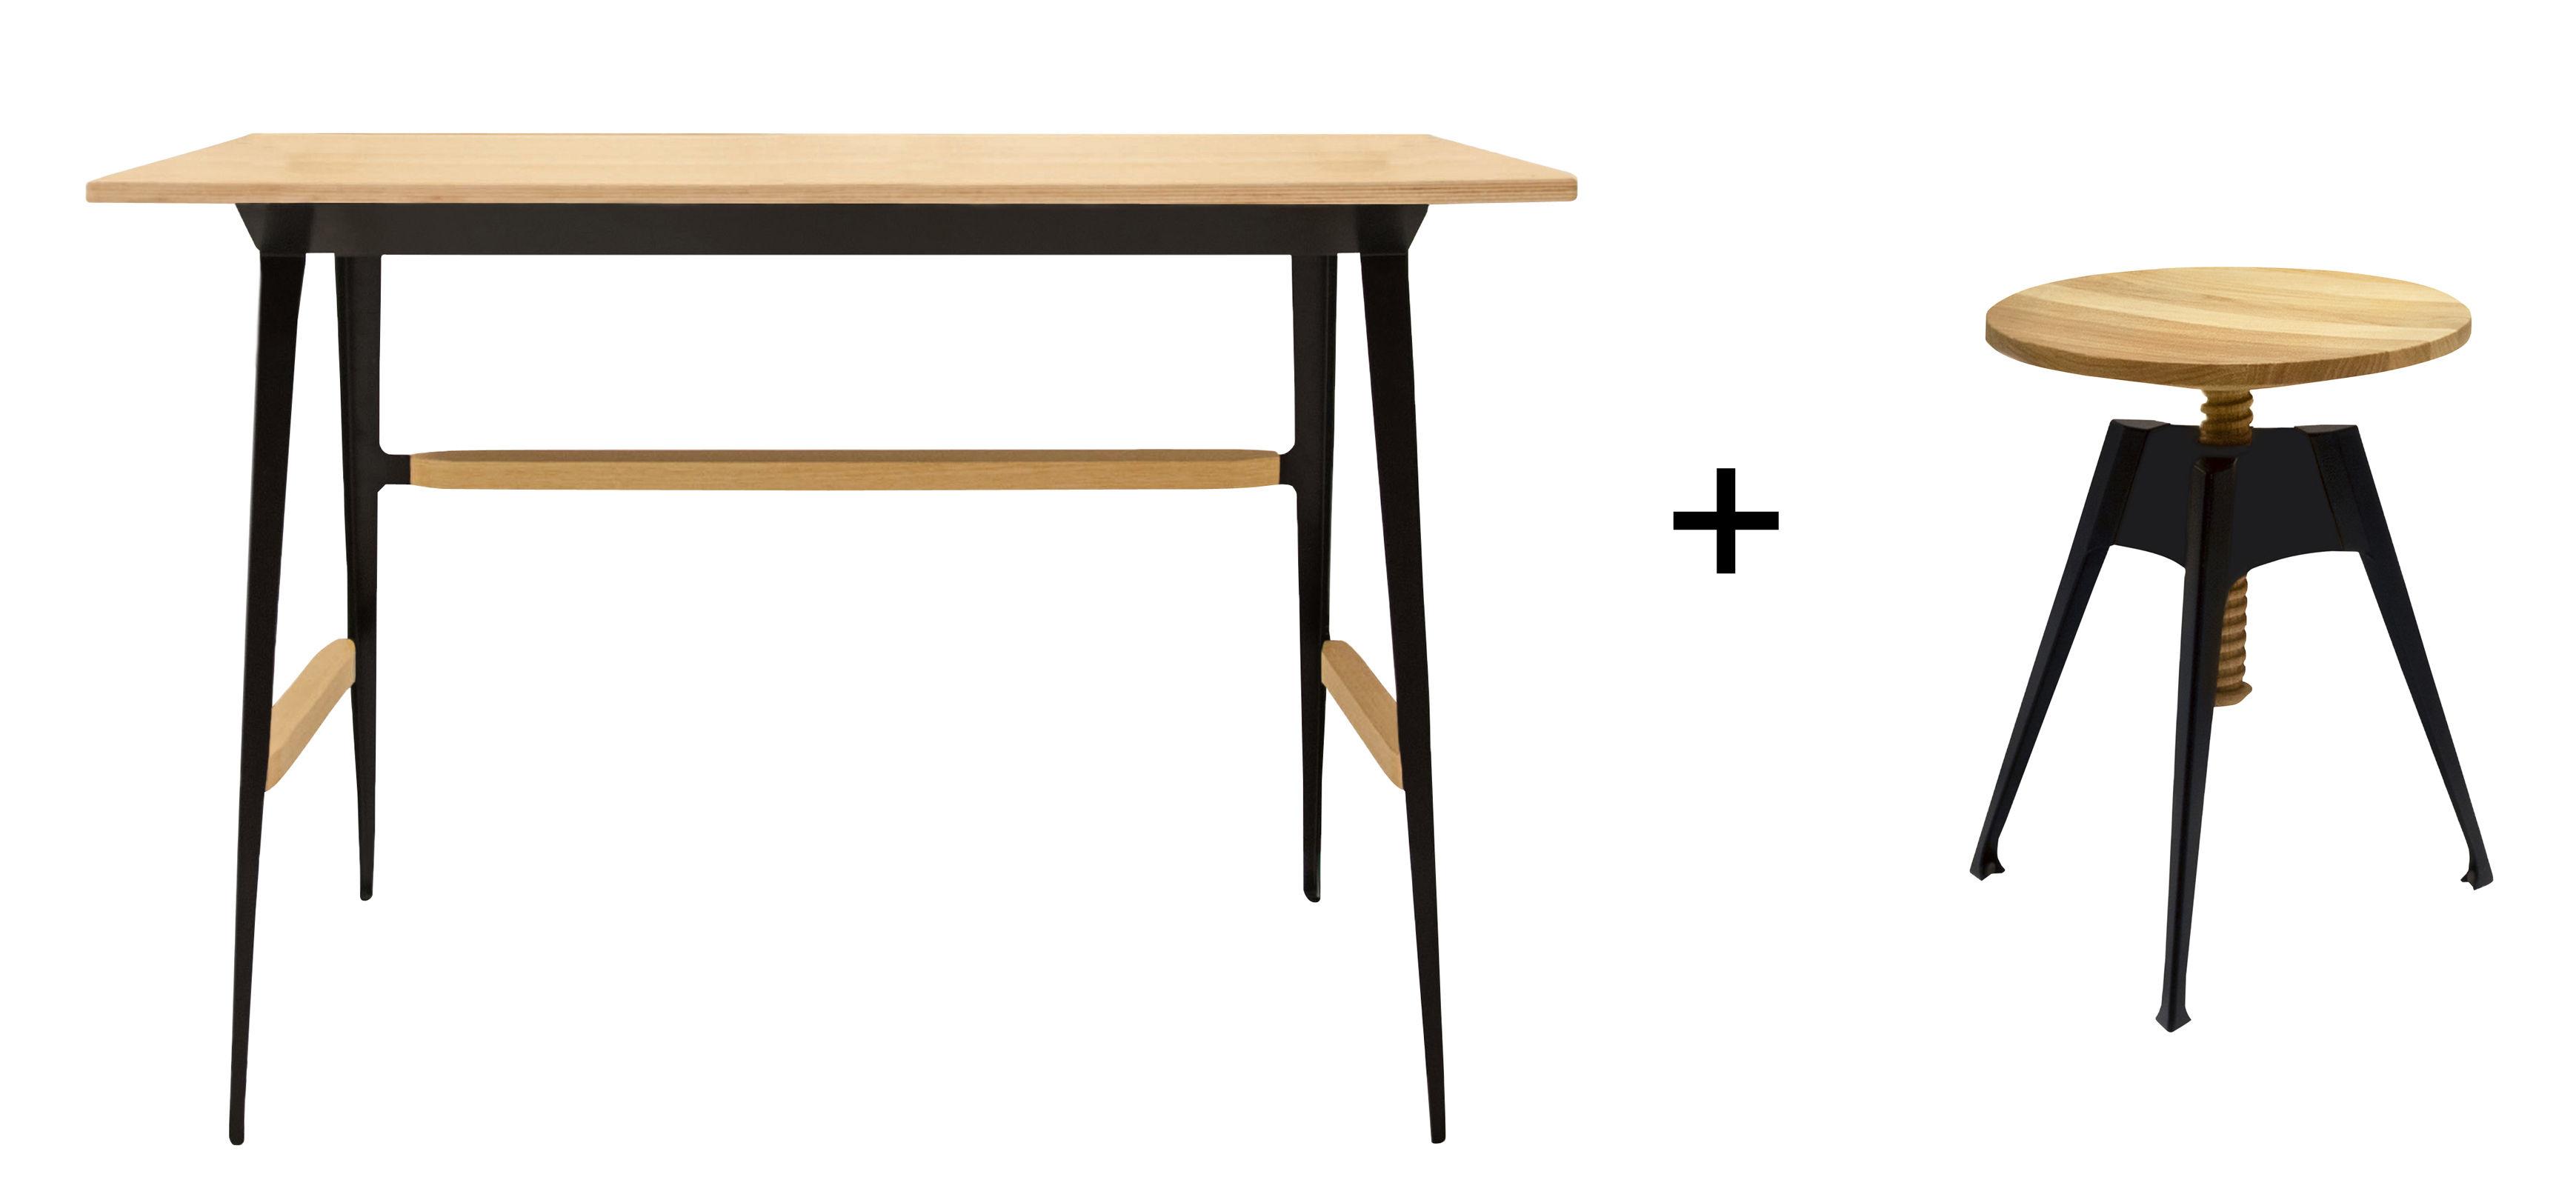 Mobilier - Bureaux - Bureau Portable Atelier / Moleskine +  Tabouret - Driade - Bois & noir - Acier laqué, Contreplaqué de bouleau, Contreplaqué de chêne